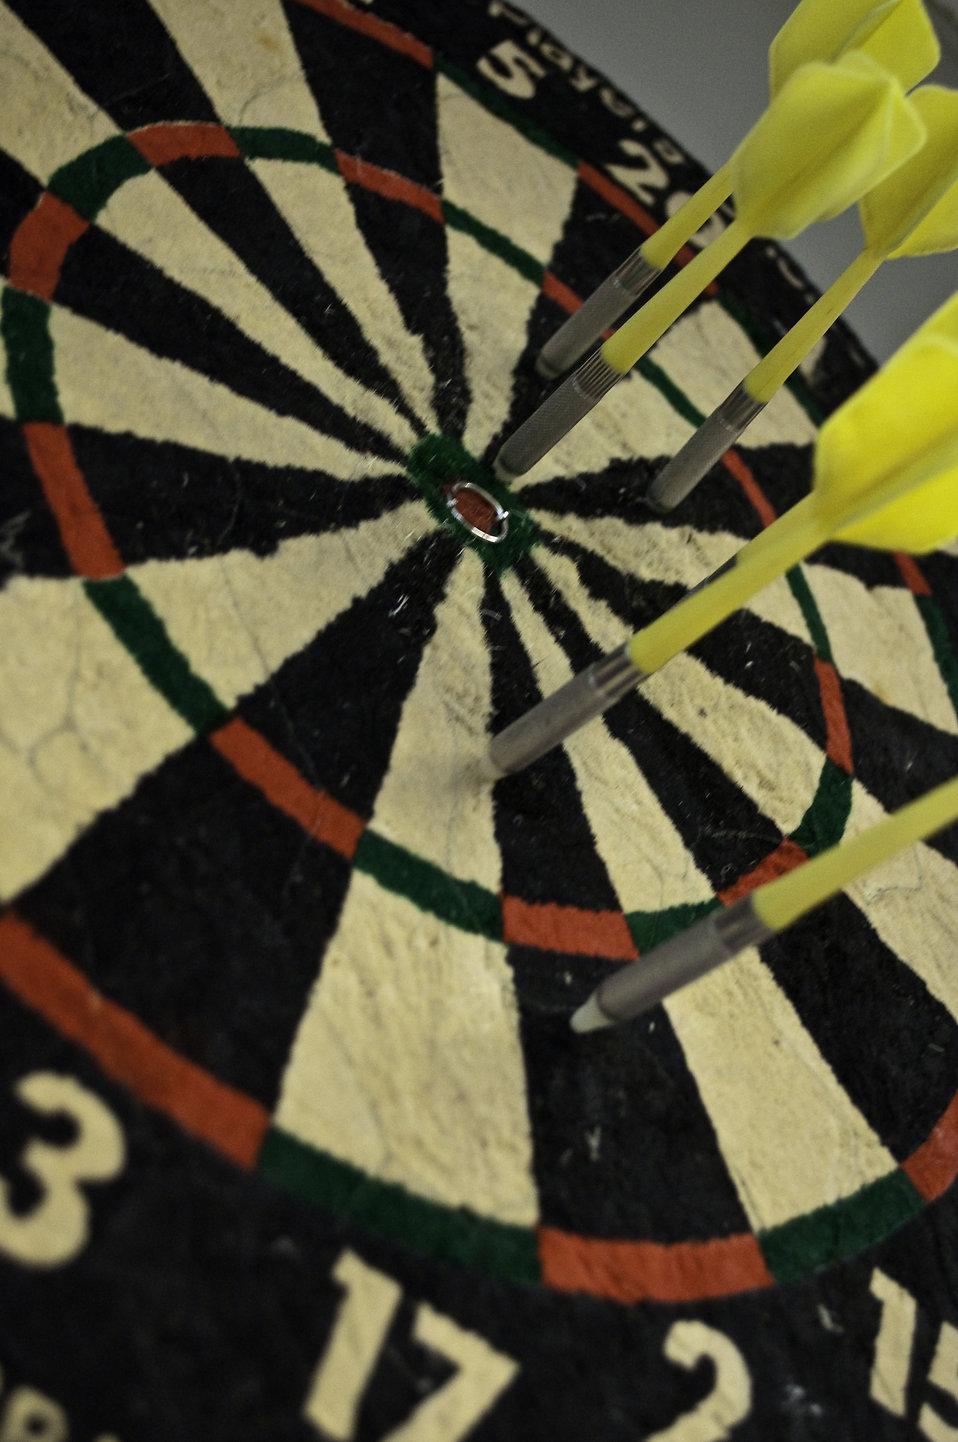 Dartboard close-up : Free Stock Photo